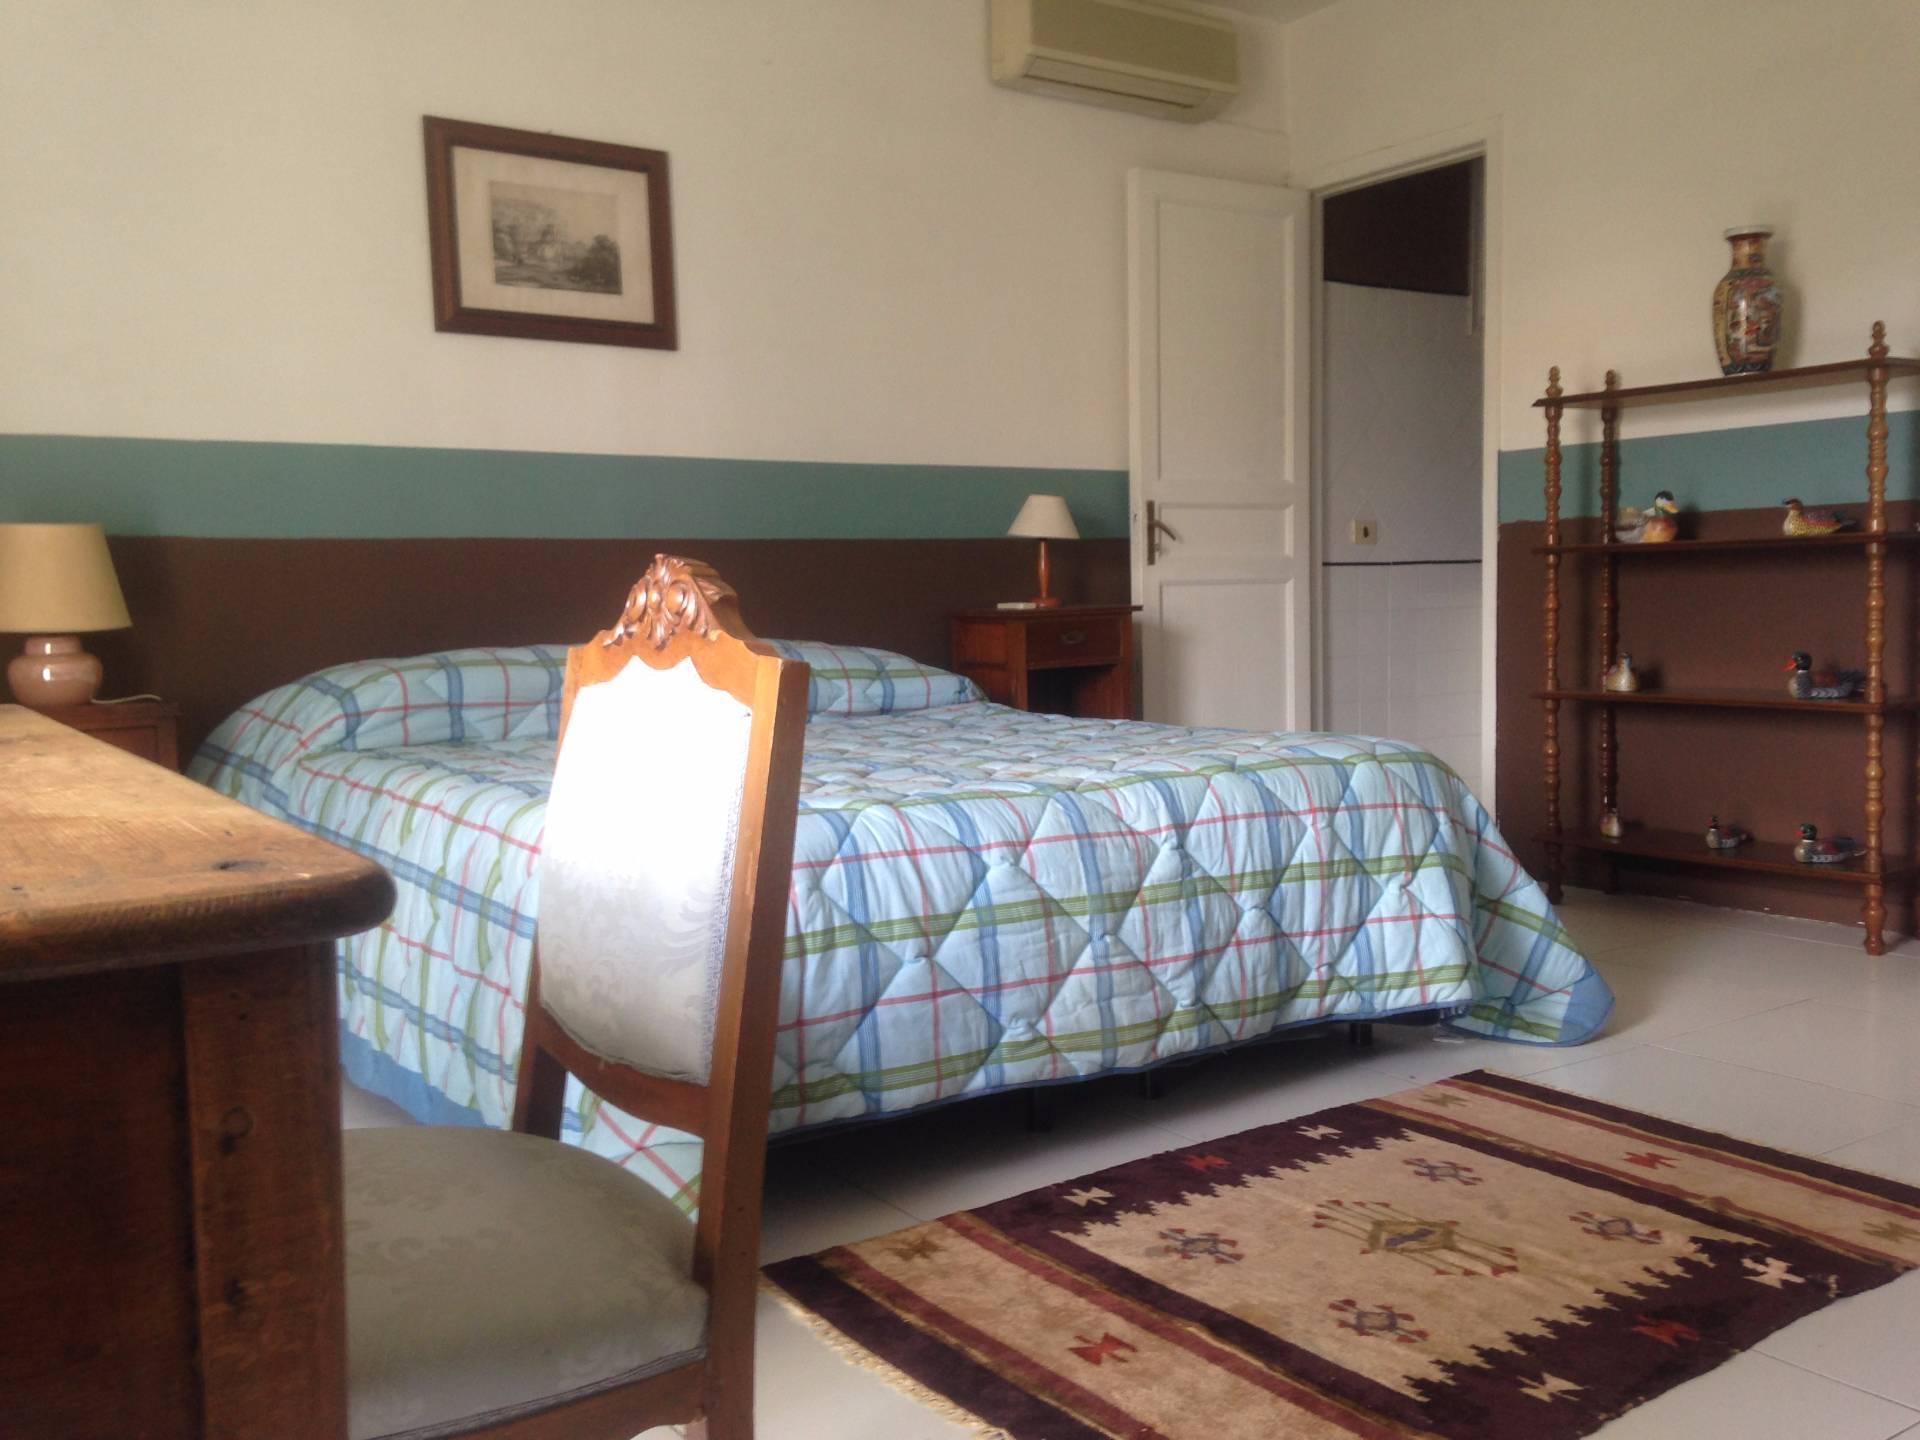 Appartamento in affitto a Palermo, 1 locali, zona Zona: Libertà, prezzo € 500 | CambioCasa.it